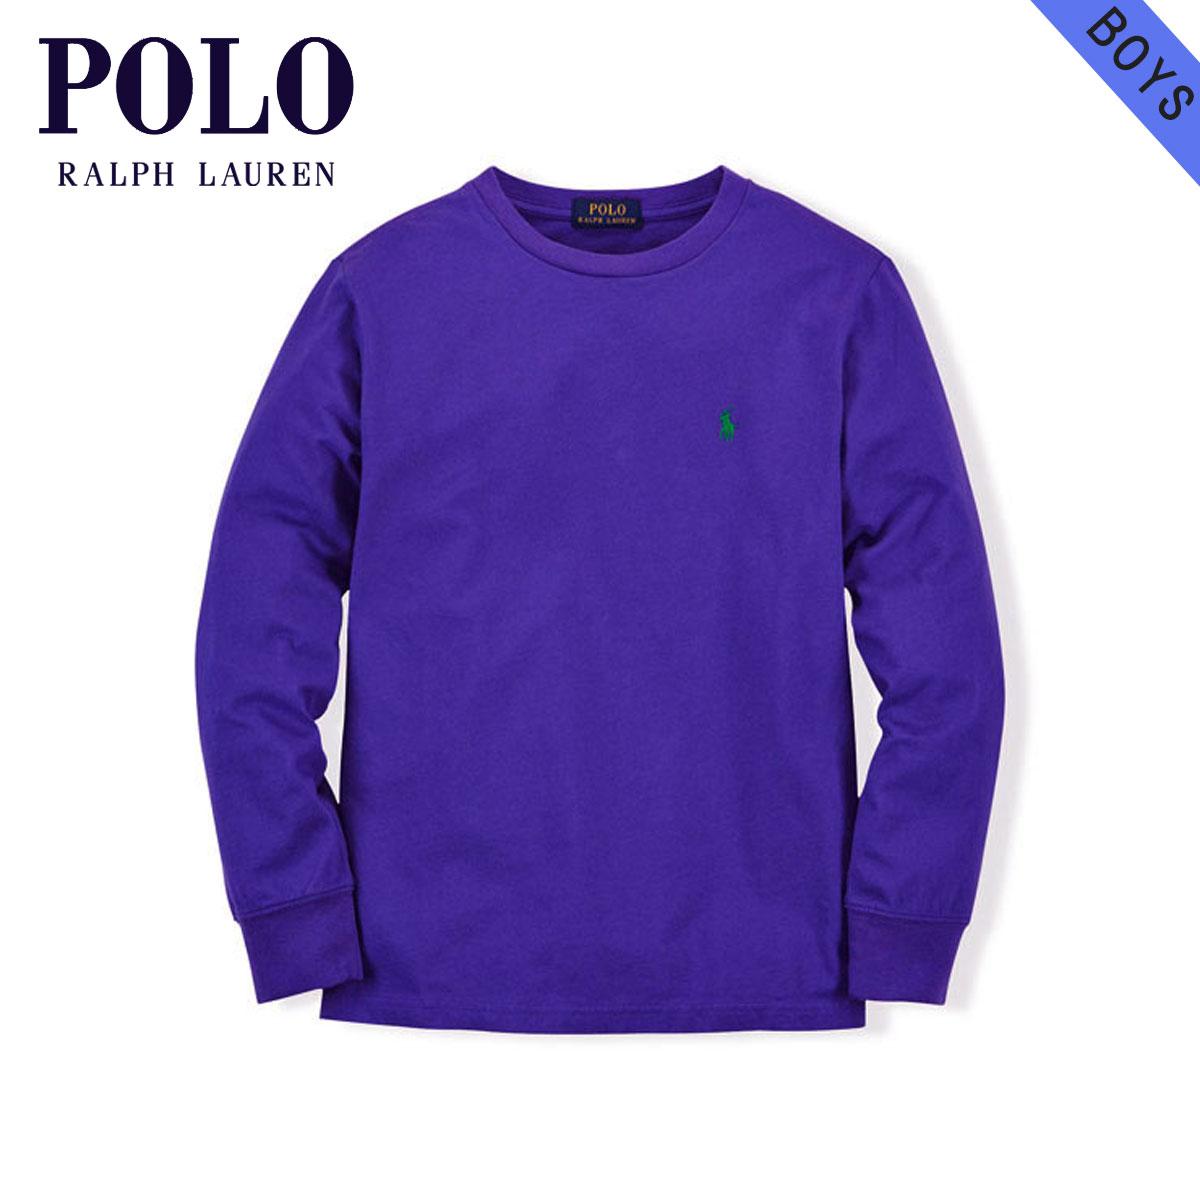 ポロ ラルフローレン キッズ POLO RALPH LAUREN CHILDREN 正規品 子供服 ボーイズ 長袖Tシャツ LONG-SLEEVED COTTON CREW TEE 65353176 D20S30